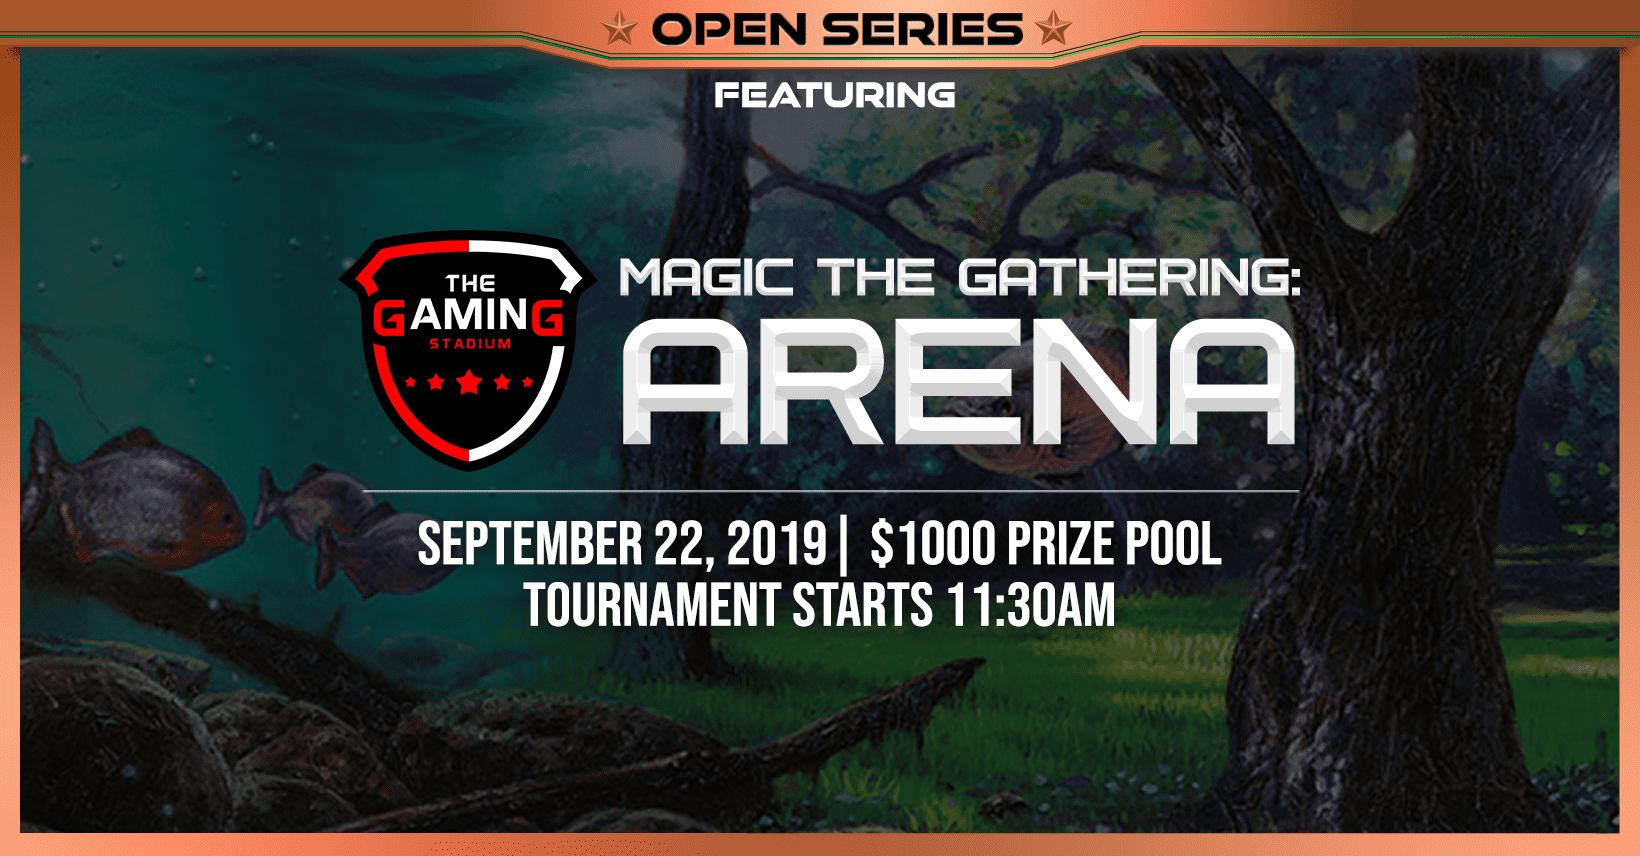 TGS Open Series featuring MTG Arena - Gaming Stadium